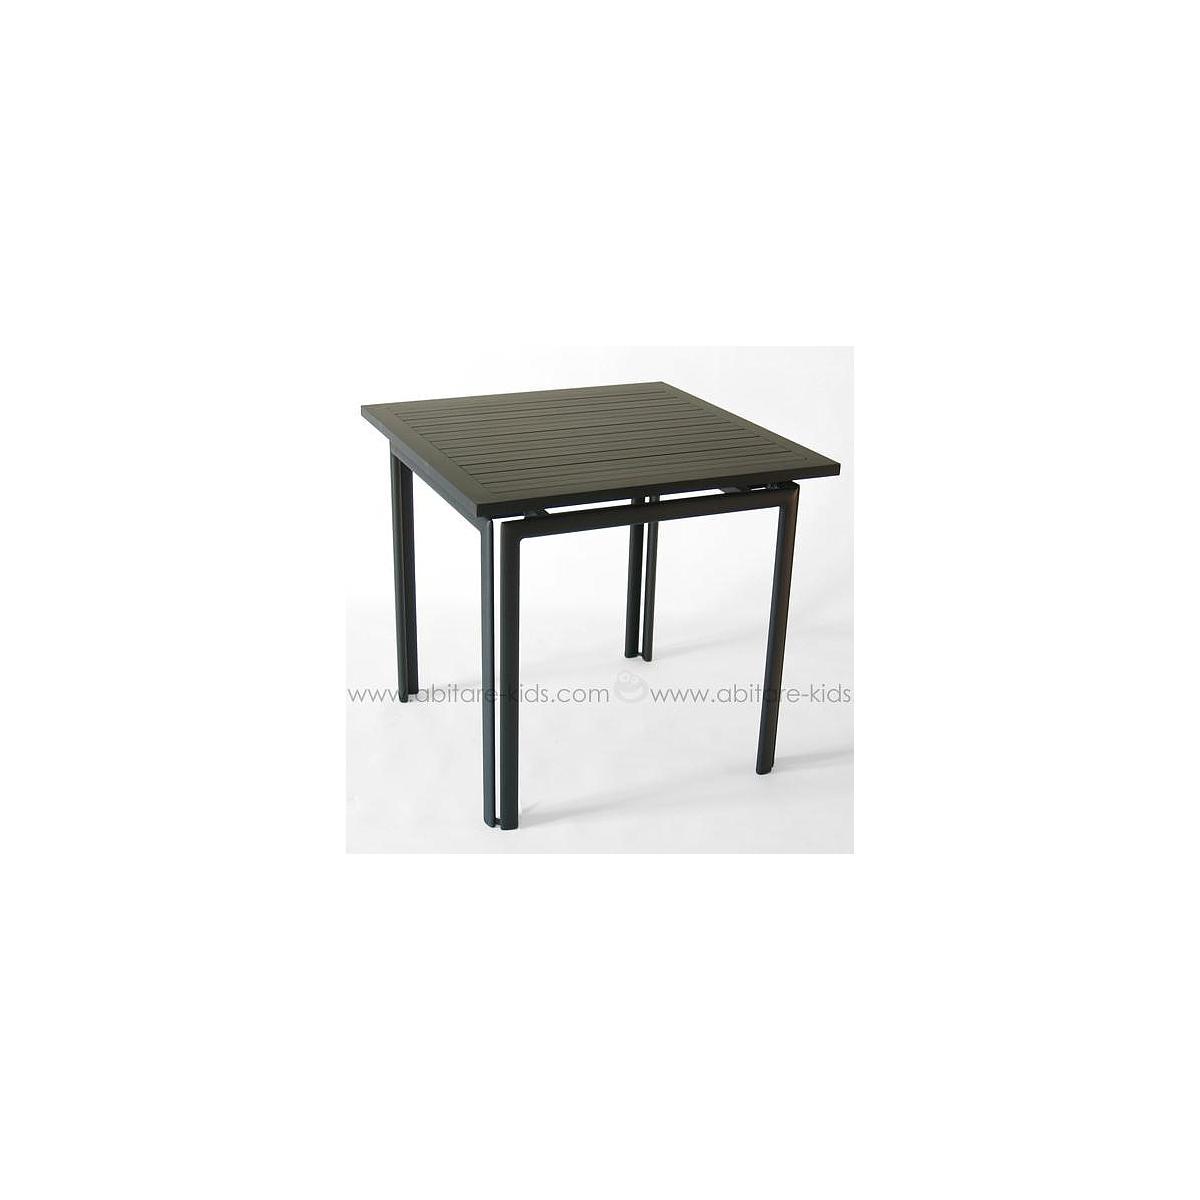 COSTA by Fermob Table 80x80 cm noir réglisse